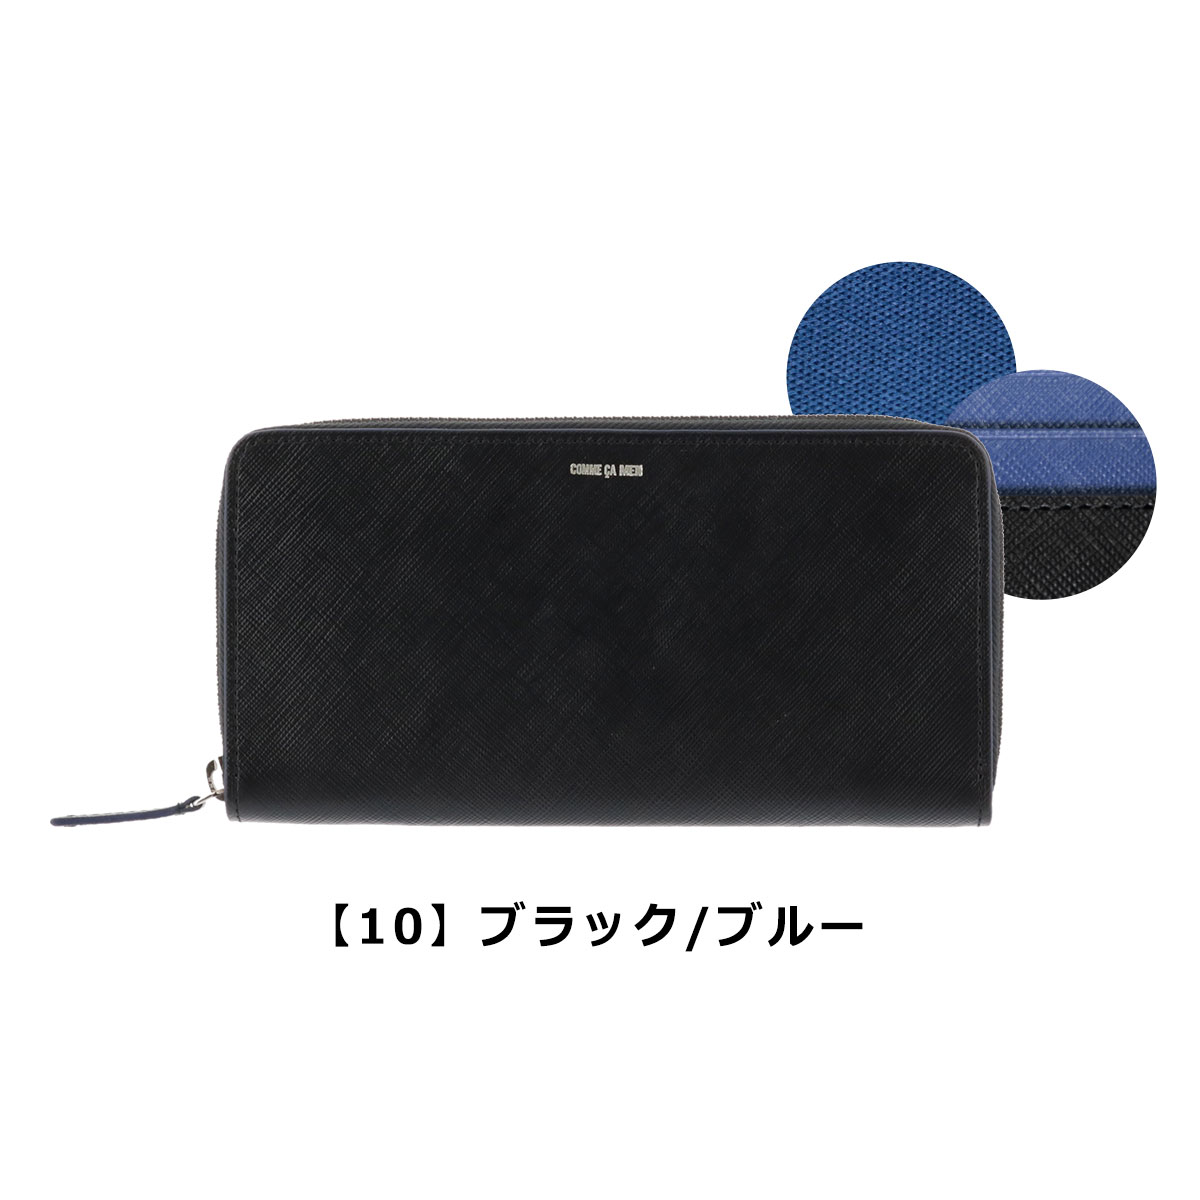 【10】ブラック/ブルー